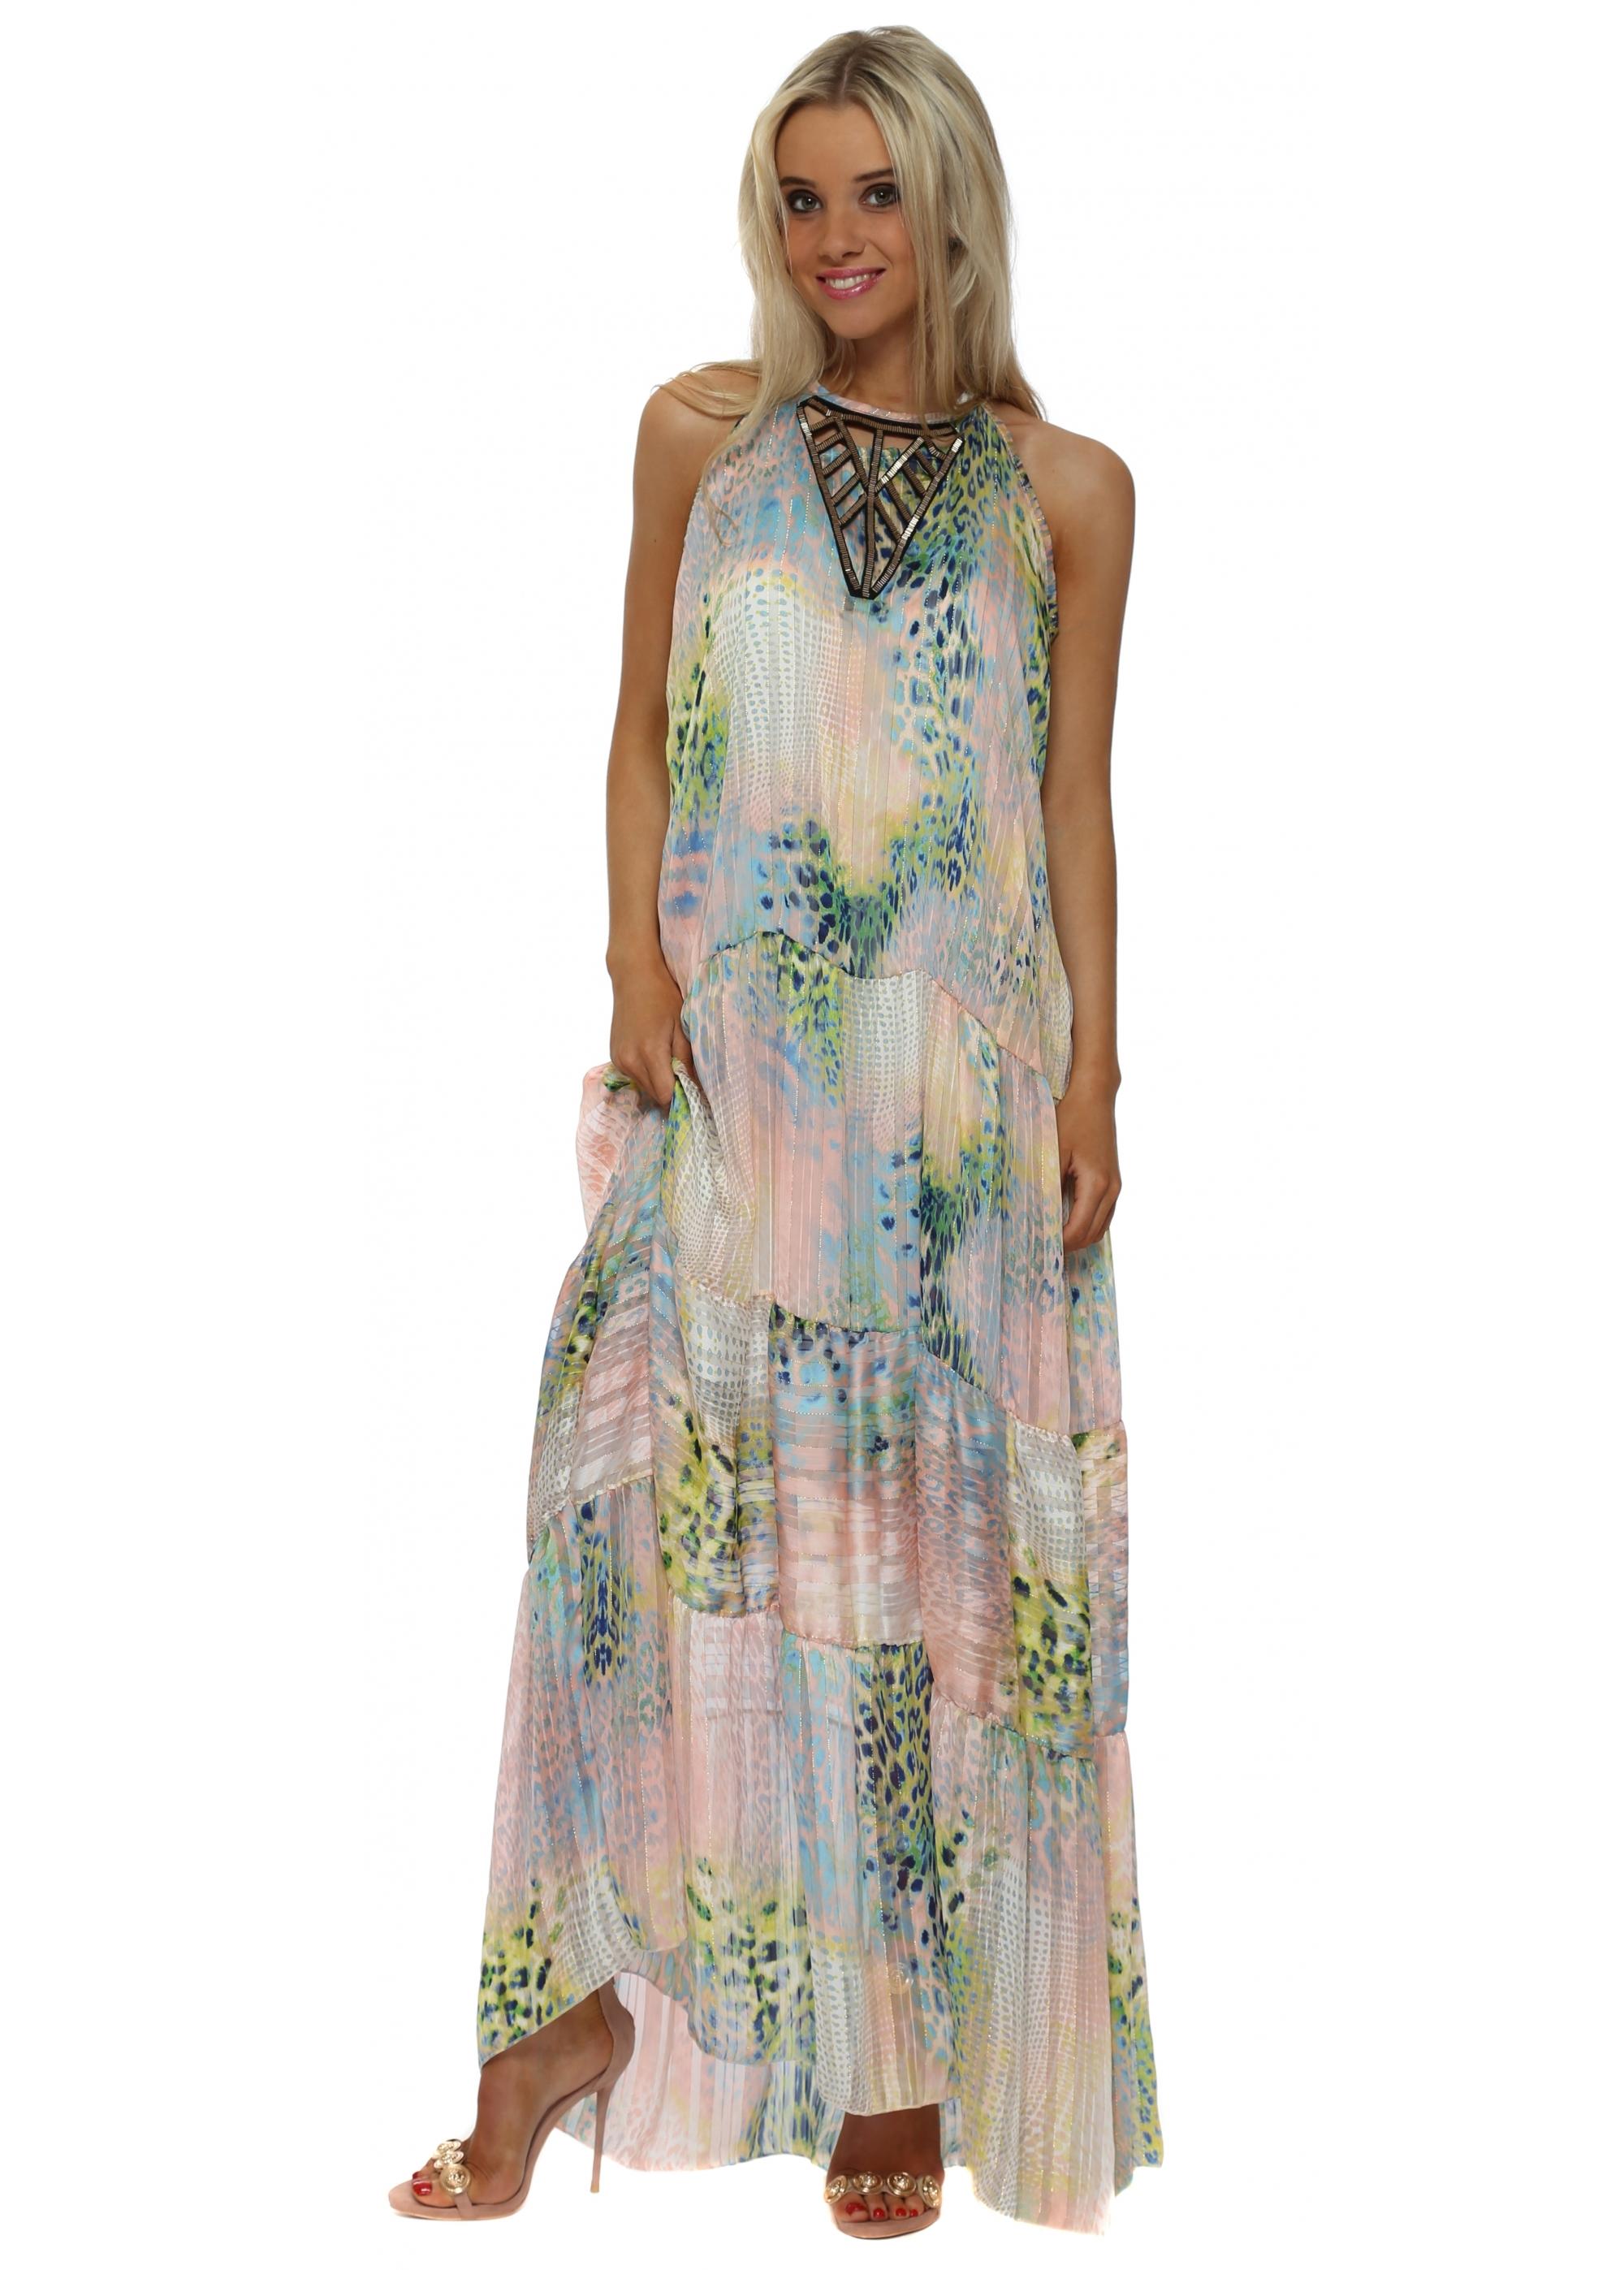 Pastel Chiffon Maxi Dress